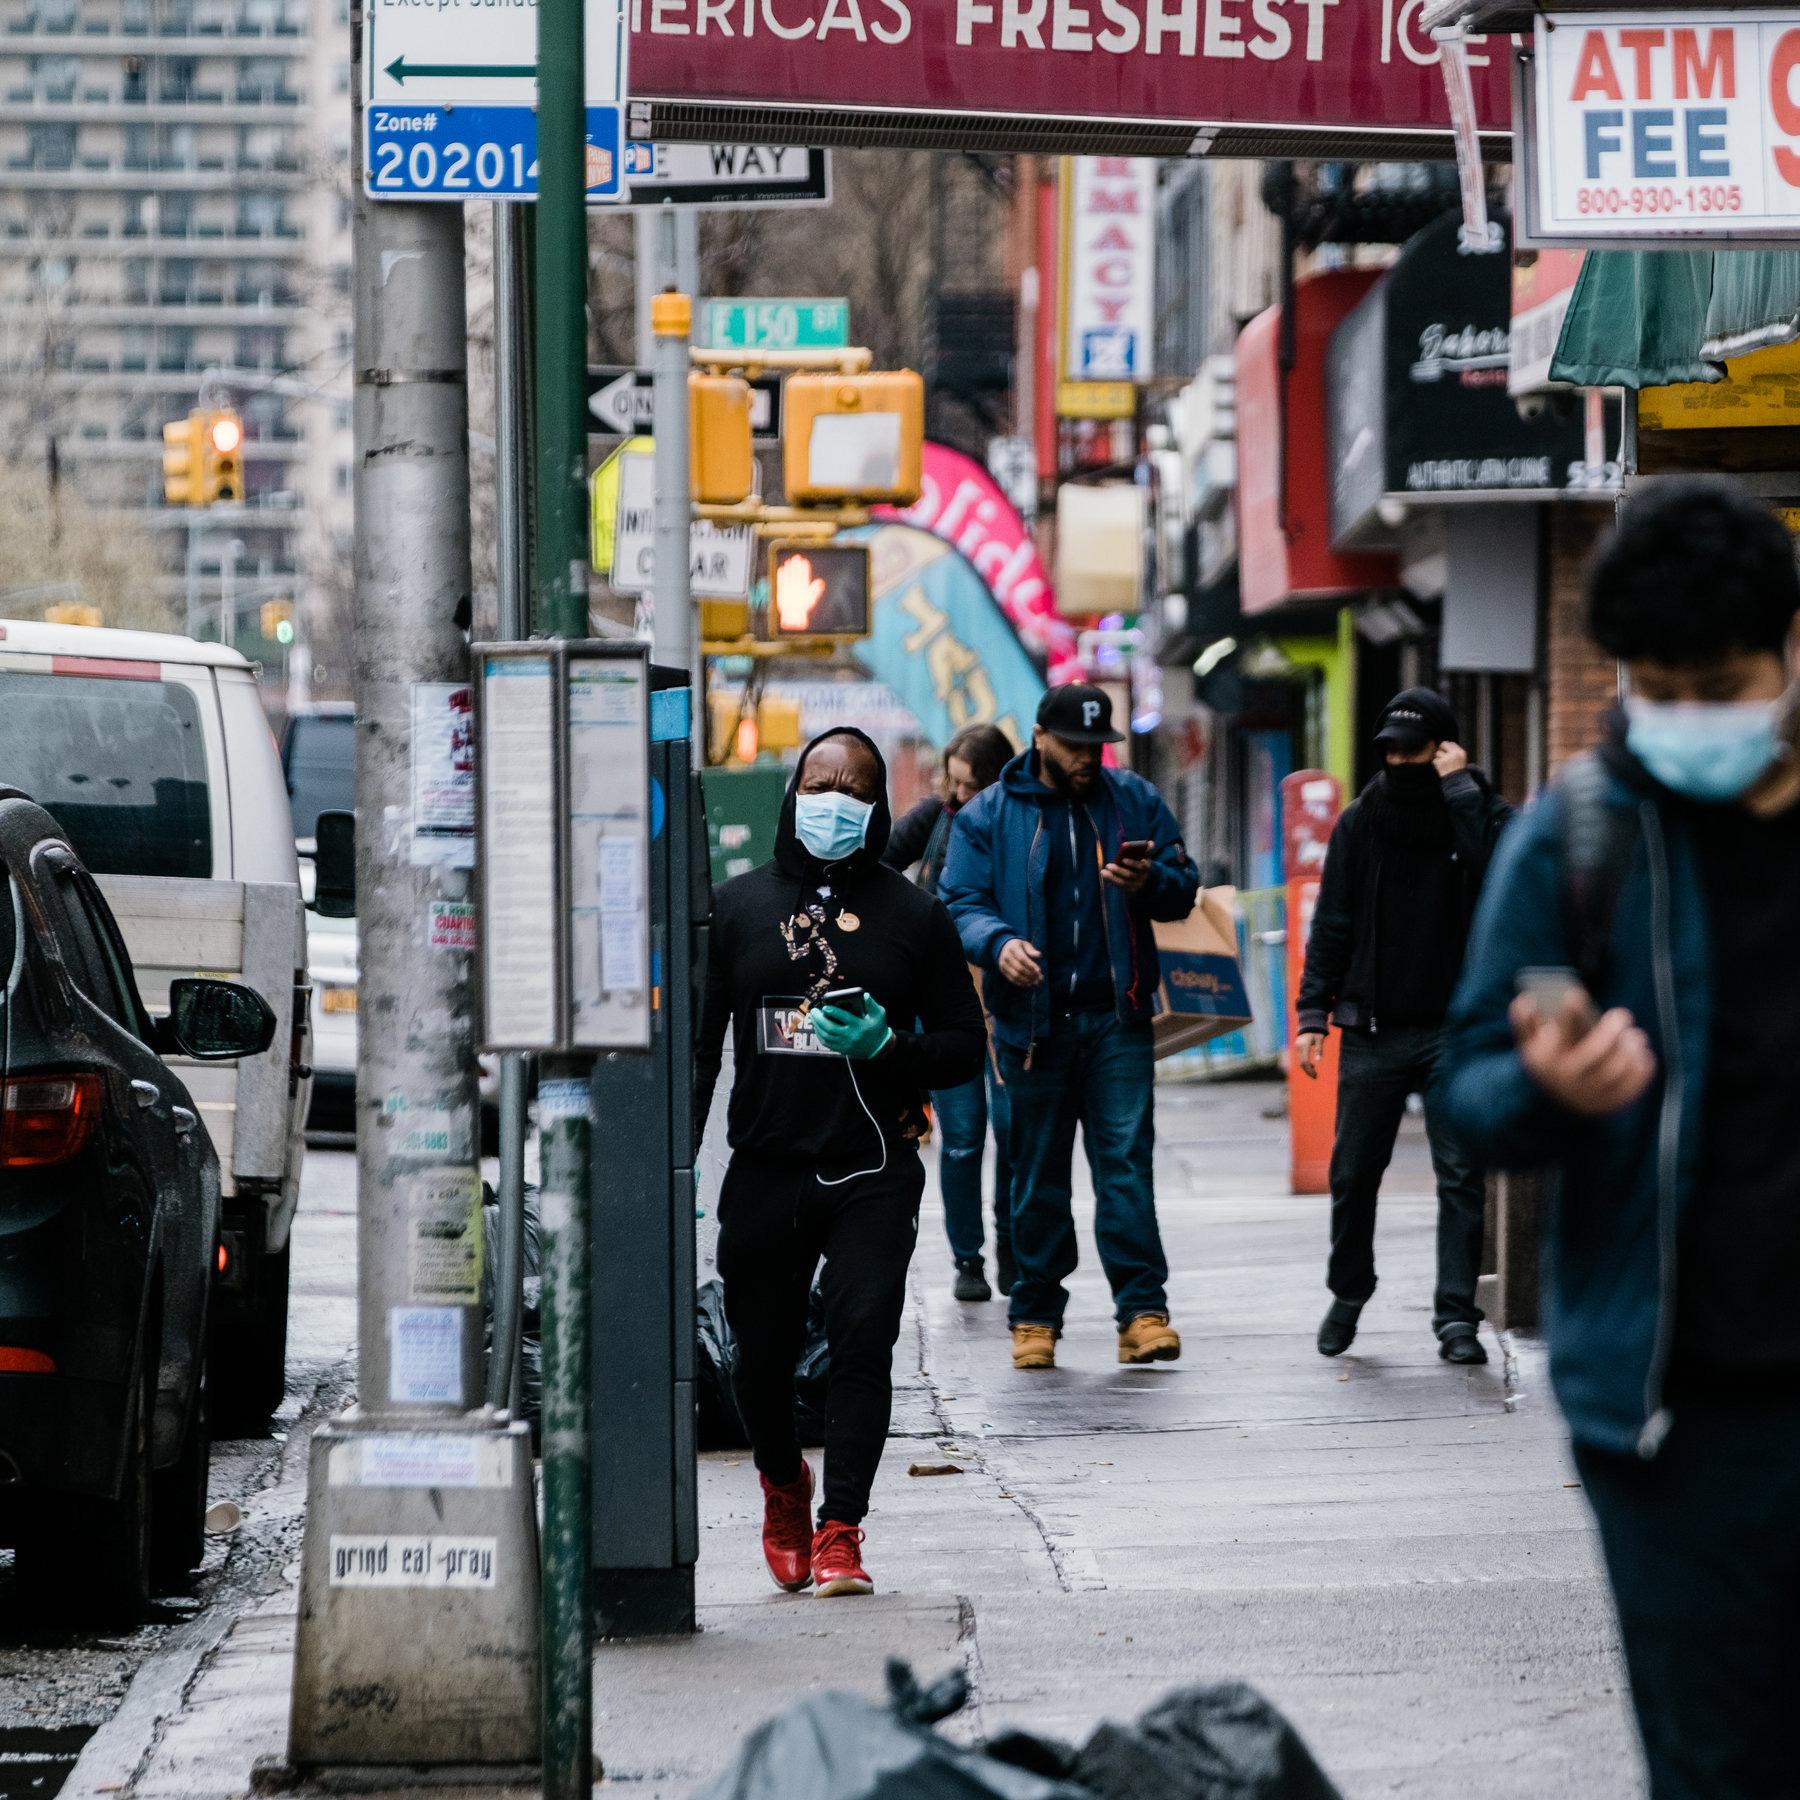 Bang New York có hơn 1.000 ca tử vong vì dịch Covid-19, trong đó có một trường hợp dưới 18 tuổi - Ảnh 2.